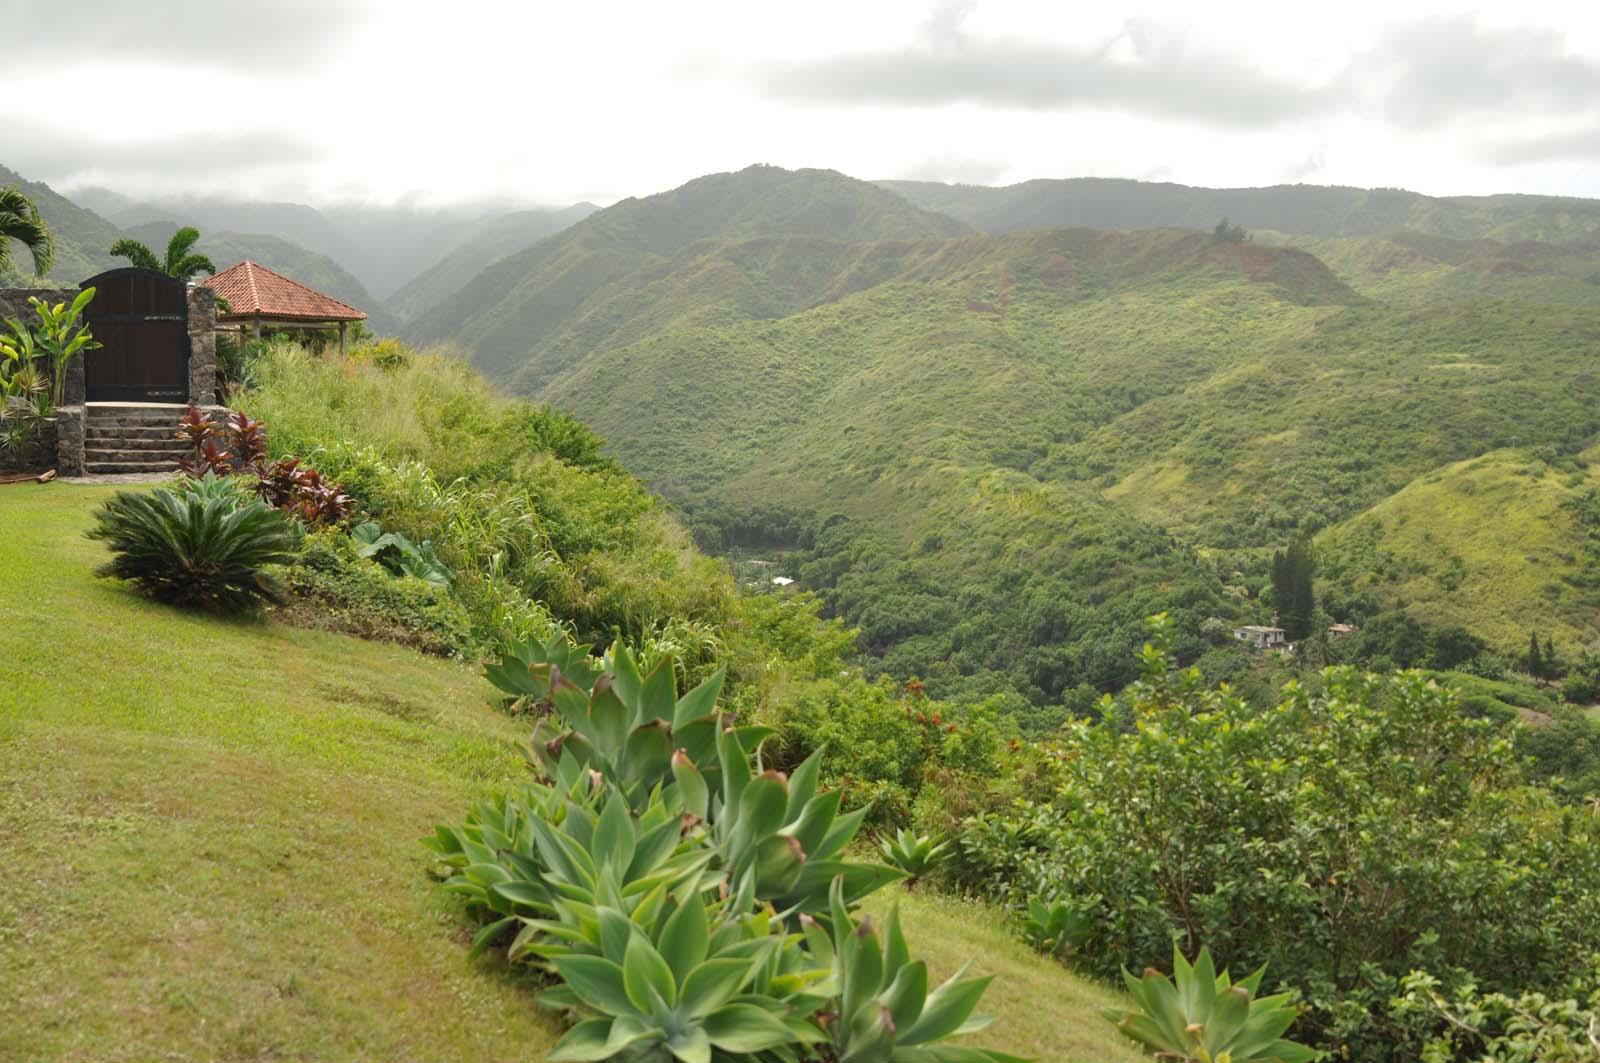 017_west_coast_maui_hawaii